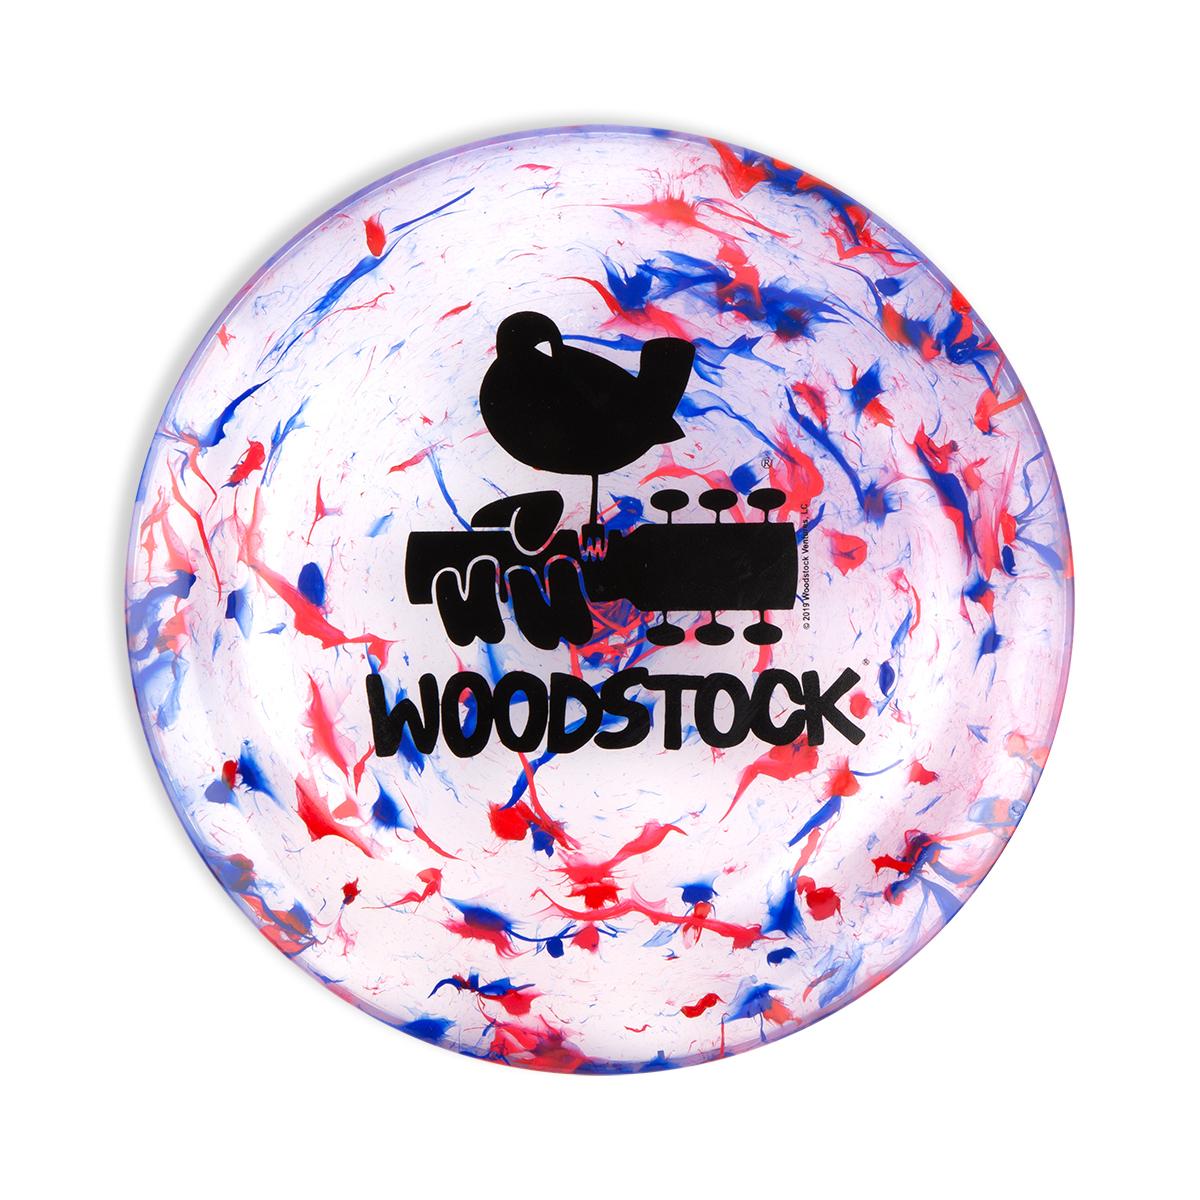 Woodstock Confetti Frisbee